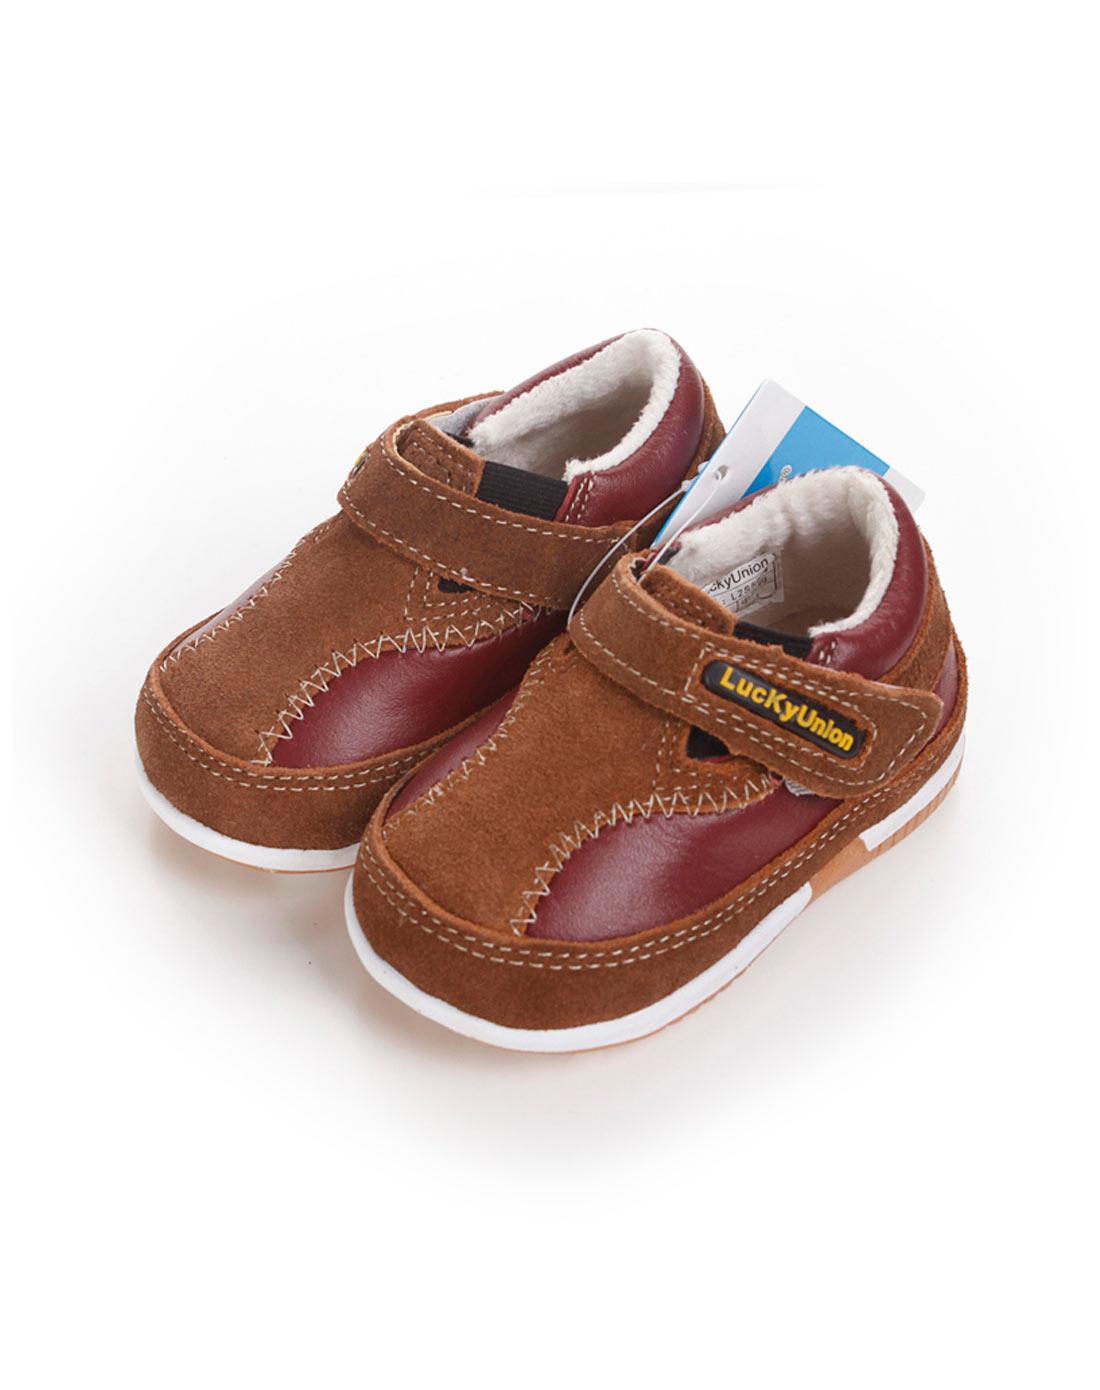 男童棕色可爱小皮鞋